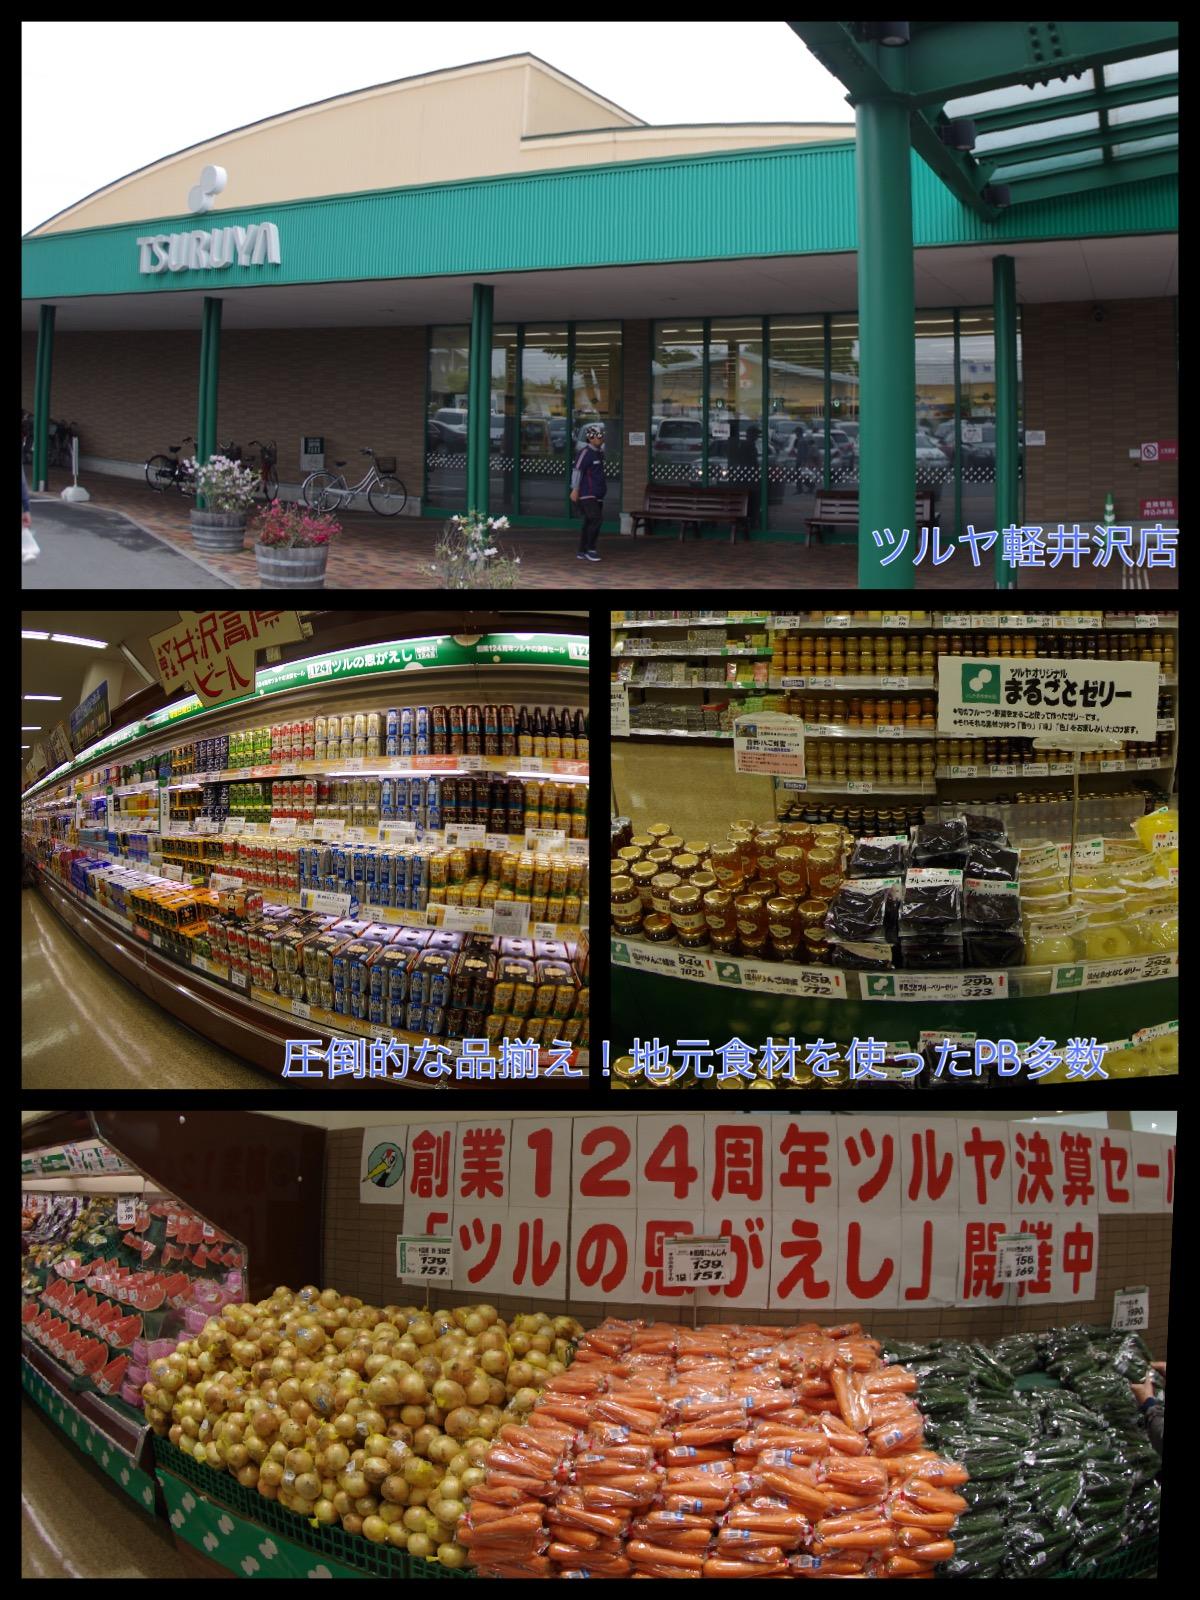 スーパーツルヤ 軽井沢店